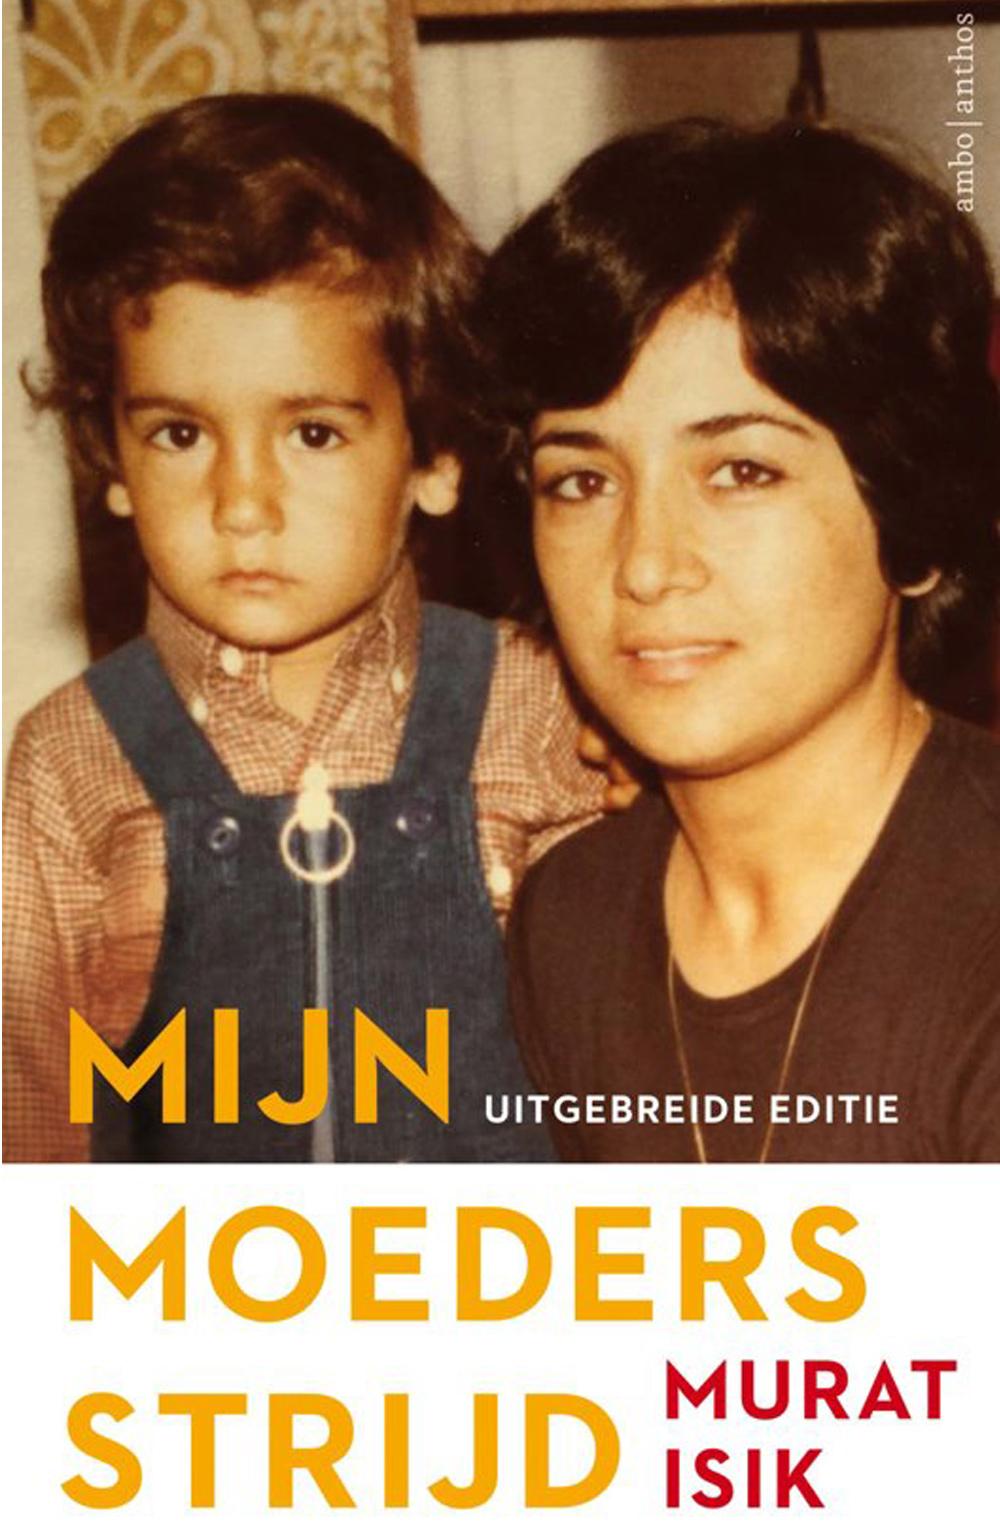 Mijn-moeders-strijd - boekenflits.nl